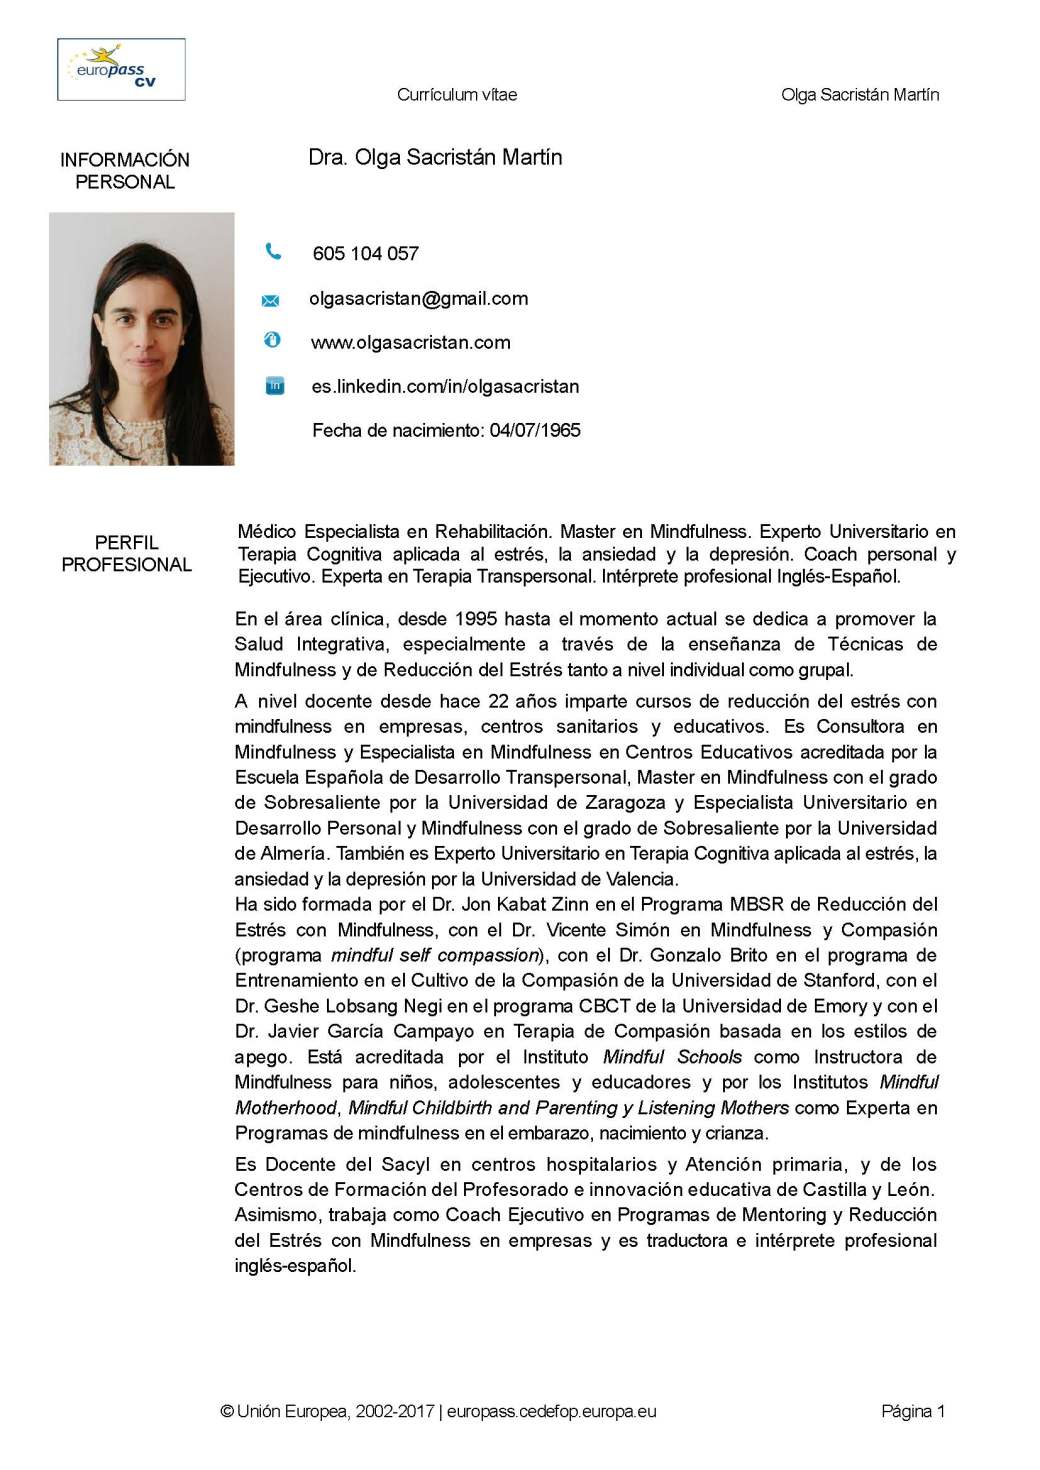 CURRICULUM EUROPASS DRA. OLGA SACRISTAN 2017_Página_01